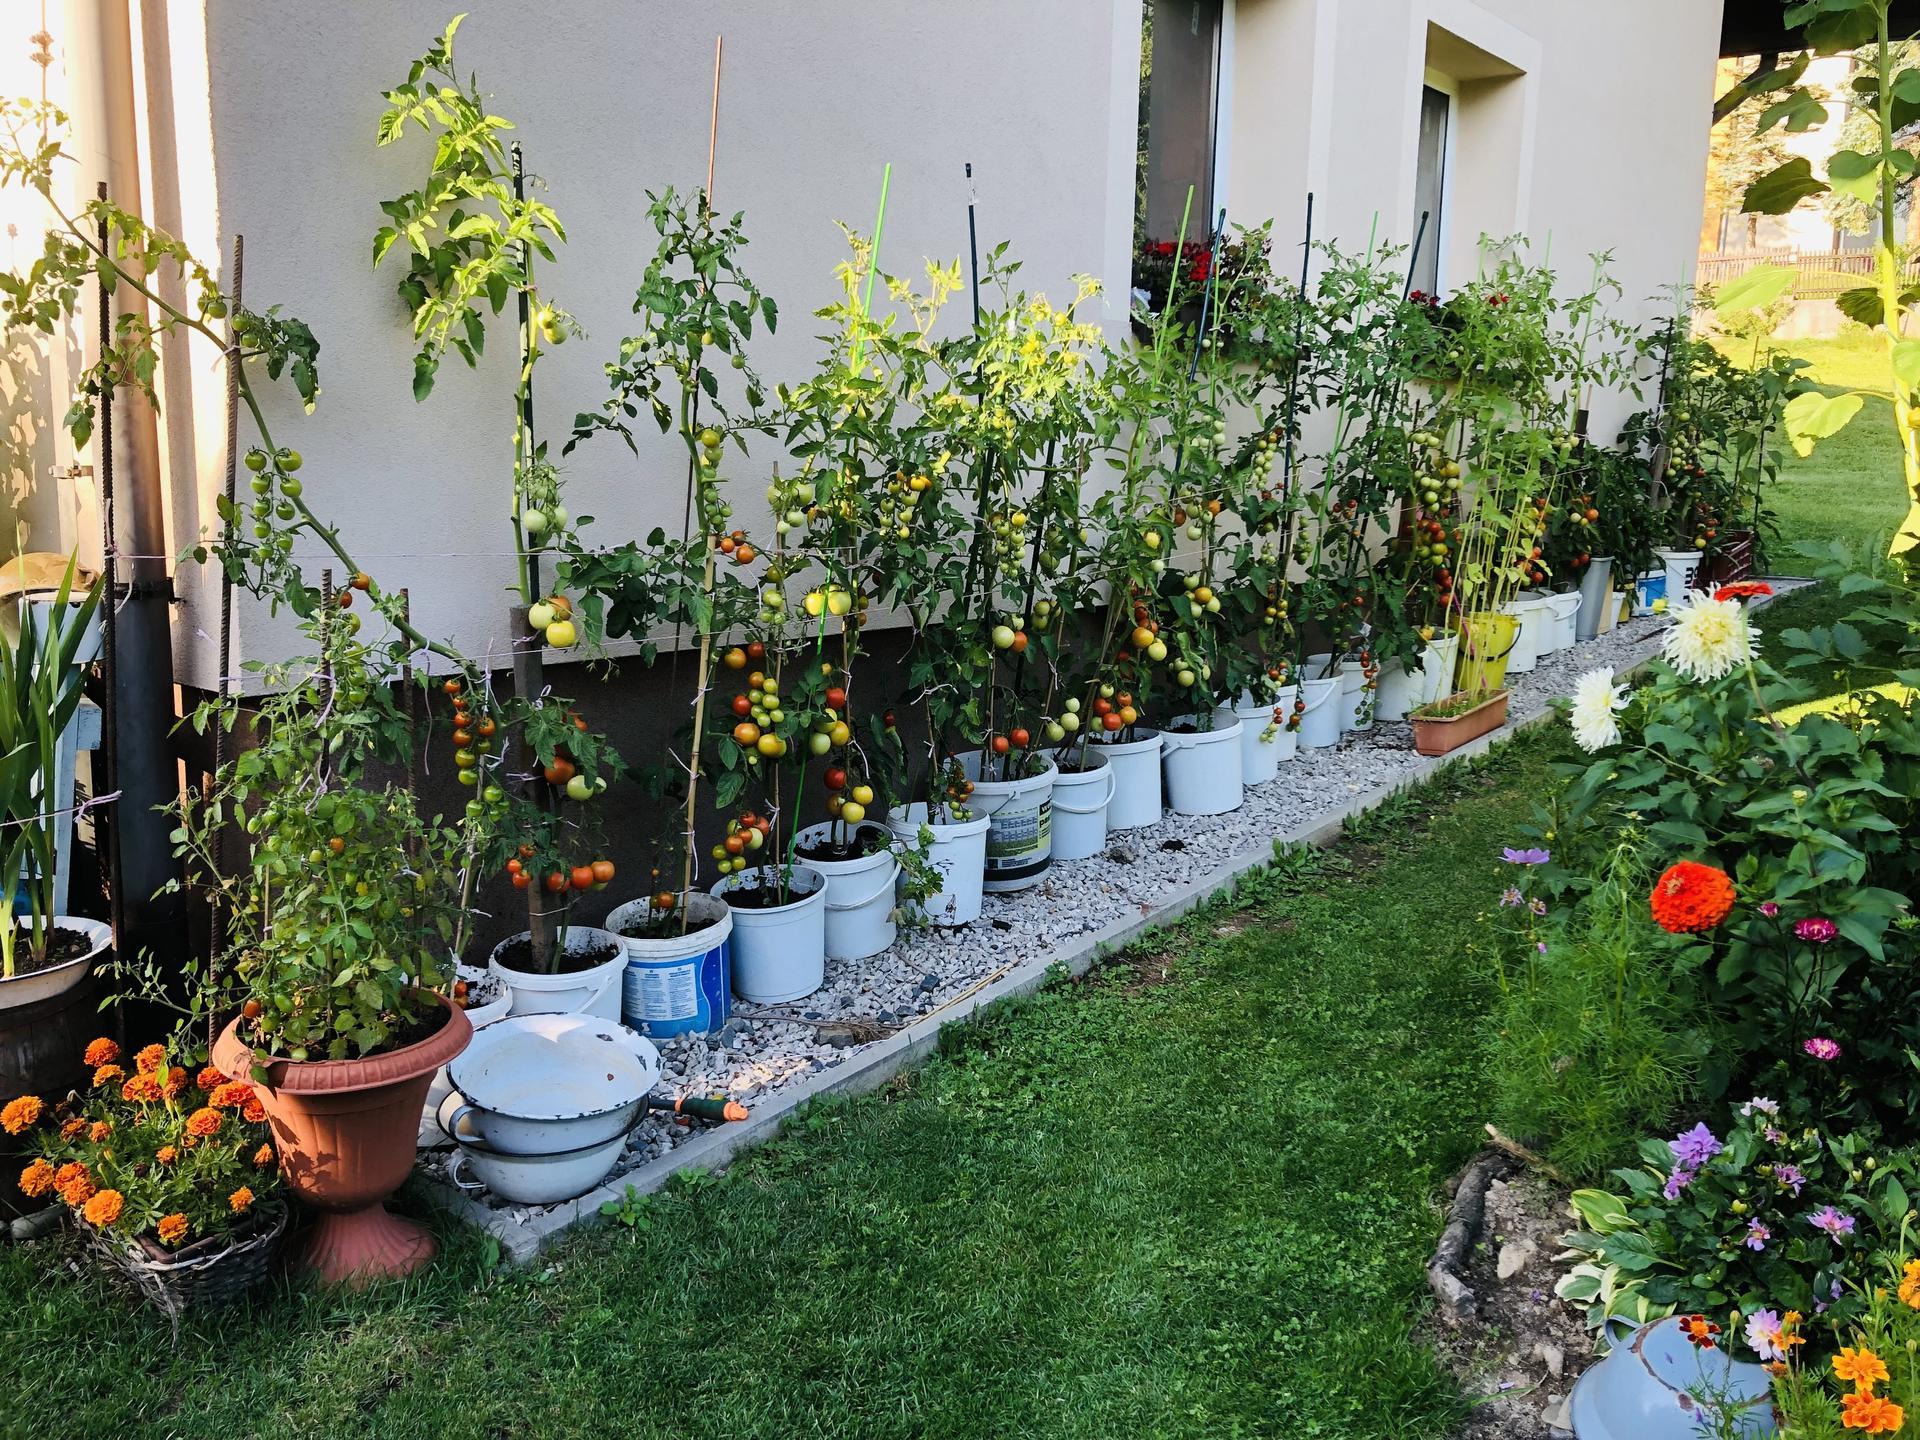 U nás doma a na zahradě 2021 - Obrázek č. 75